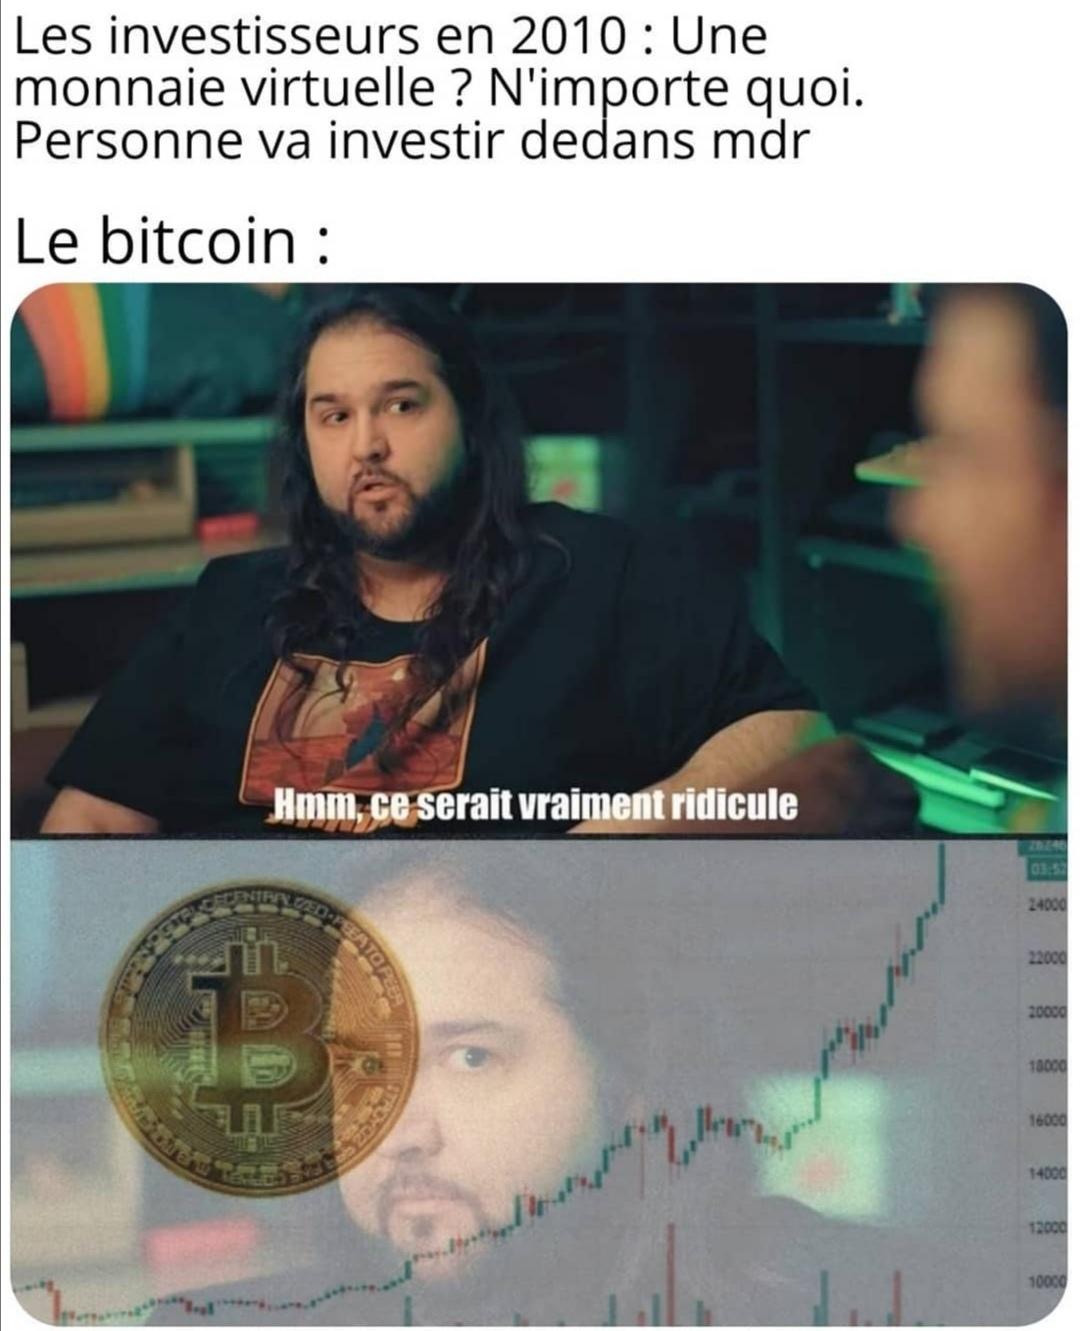 Ce n'est qu'après qu'on regrette de ne pas avoir investi... - meme